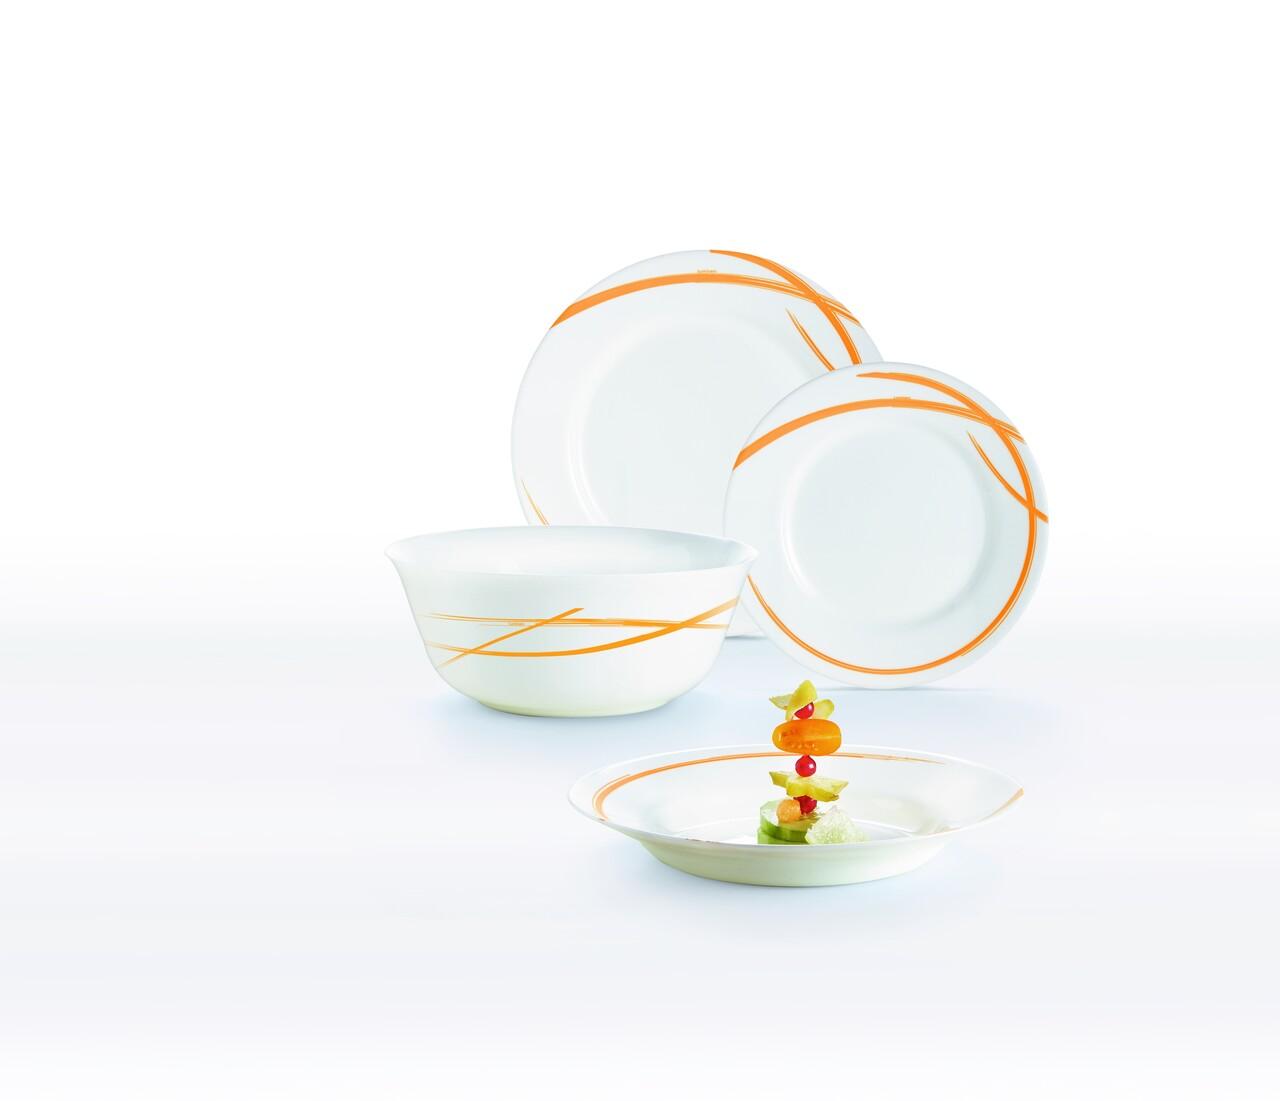 Serviciu de masa 19 piese Fairy Orange, Luminarc, opal, alb/portocaliu